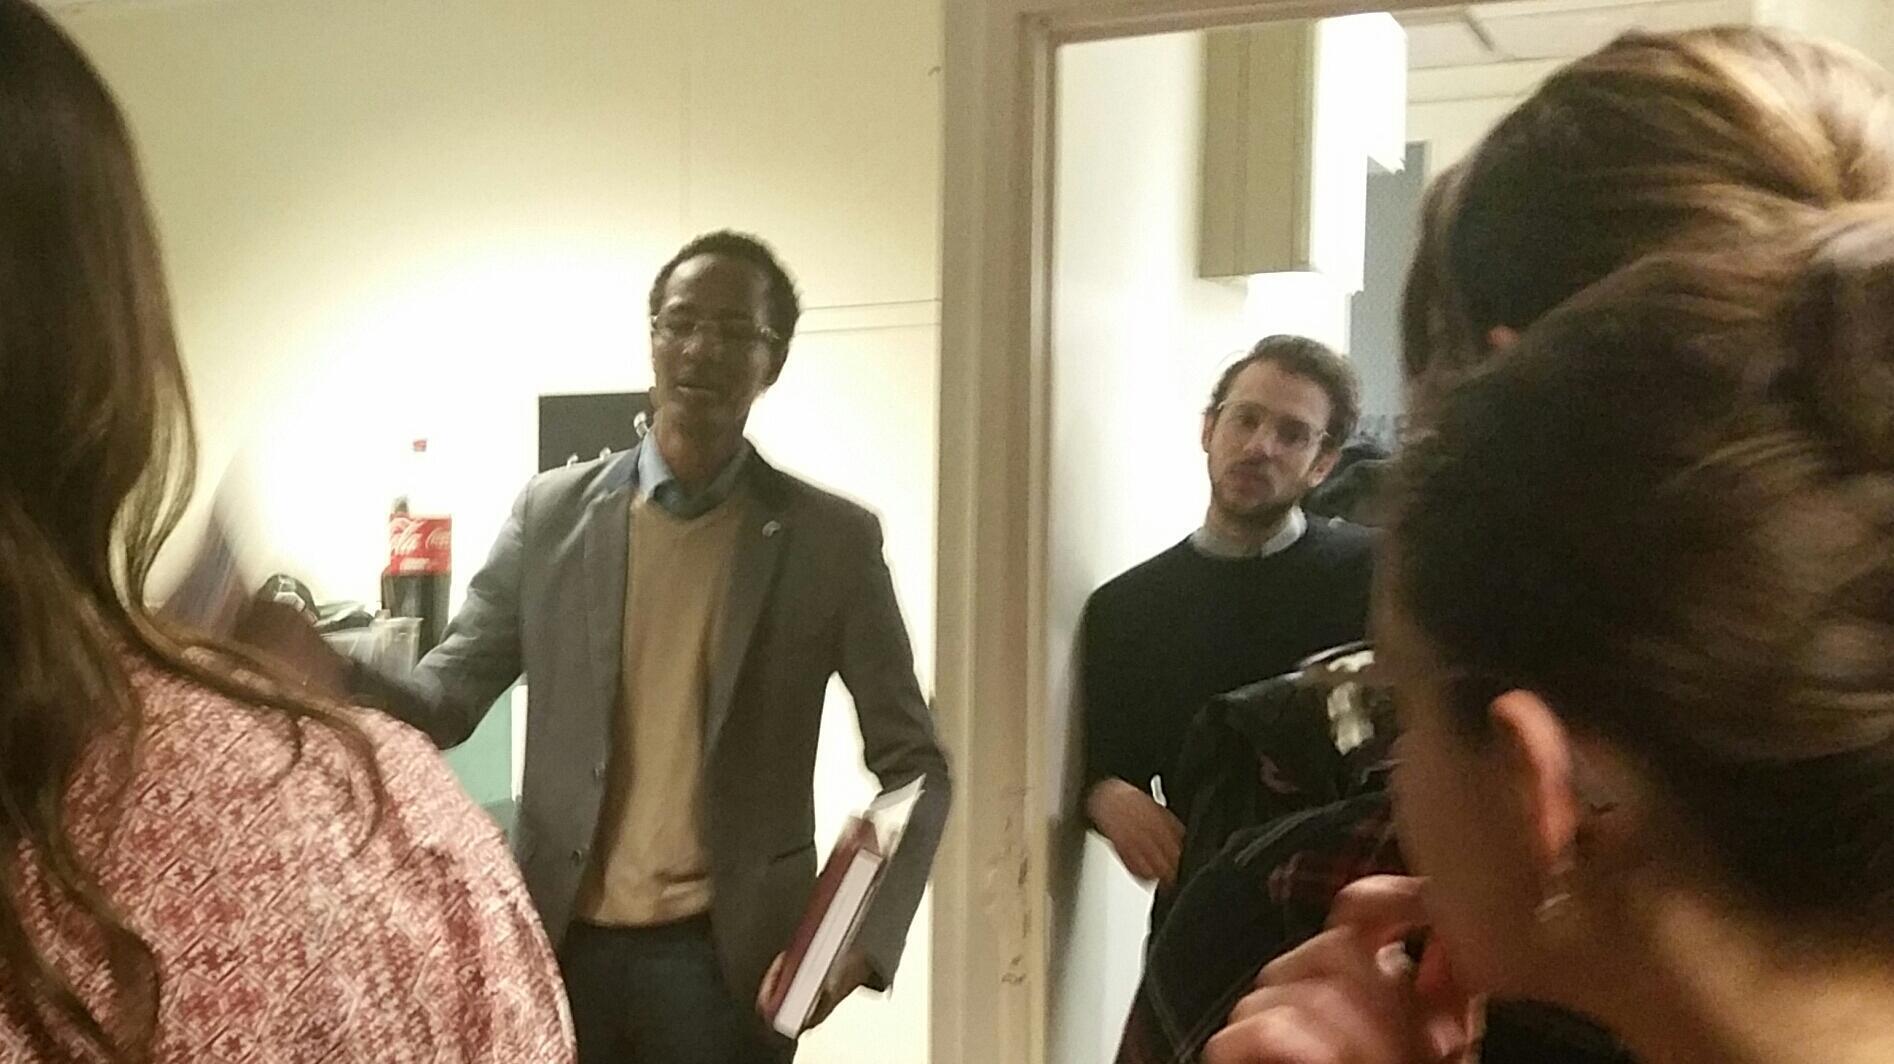 Mahamat présente son projet dans les locaux de l'association Singa à Paris.